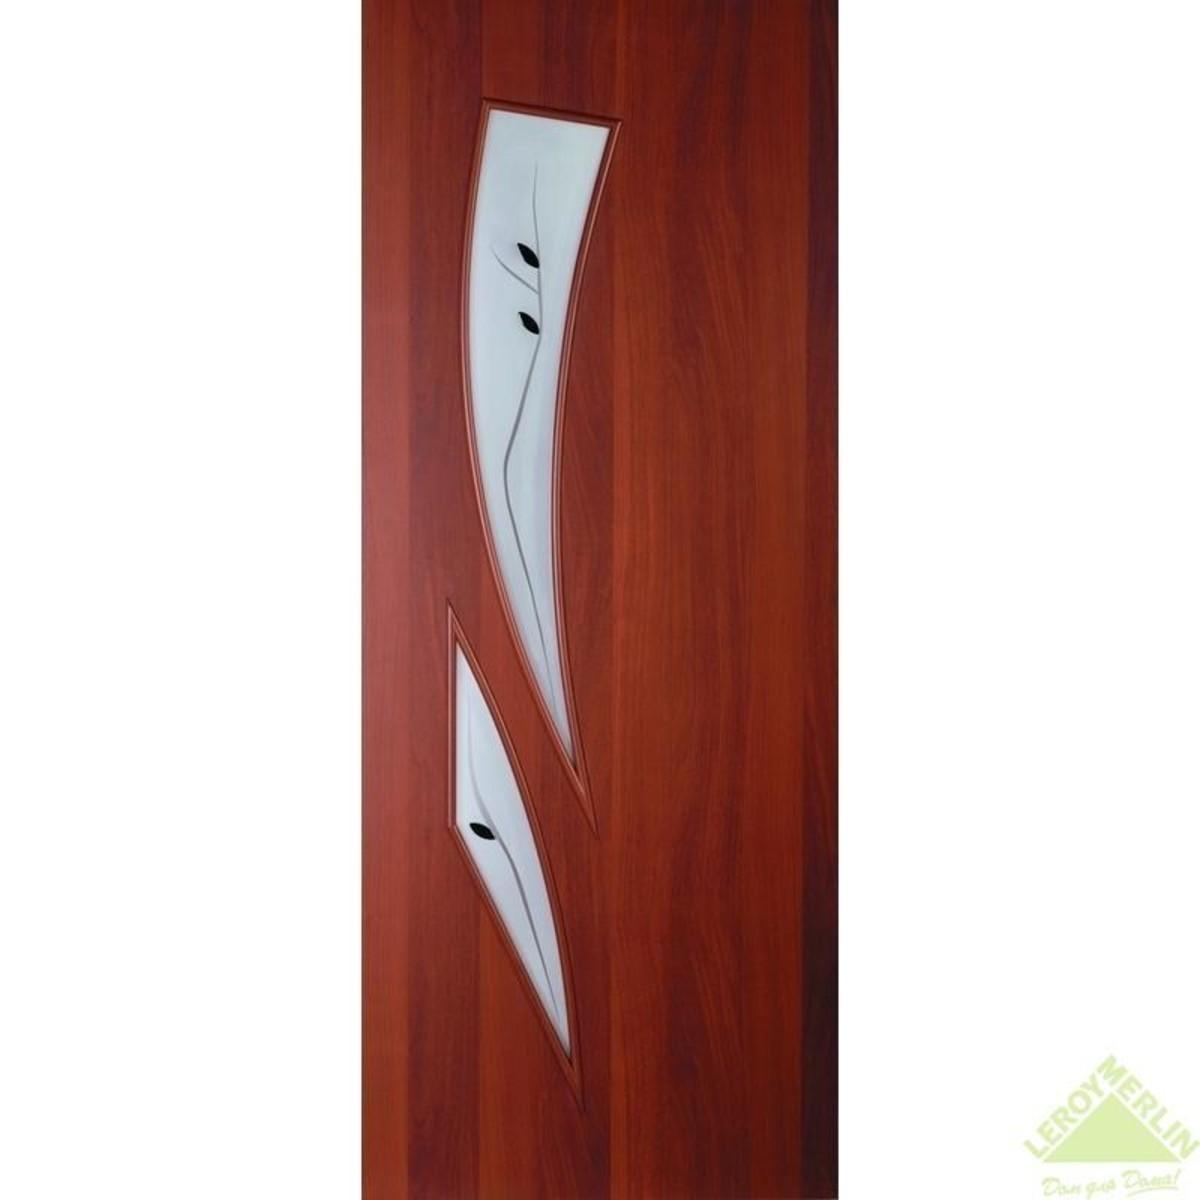 Дверь Межкомнатная Остеклённая Камея 900x2000 Ламинация Итальянский Орех